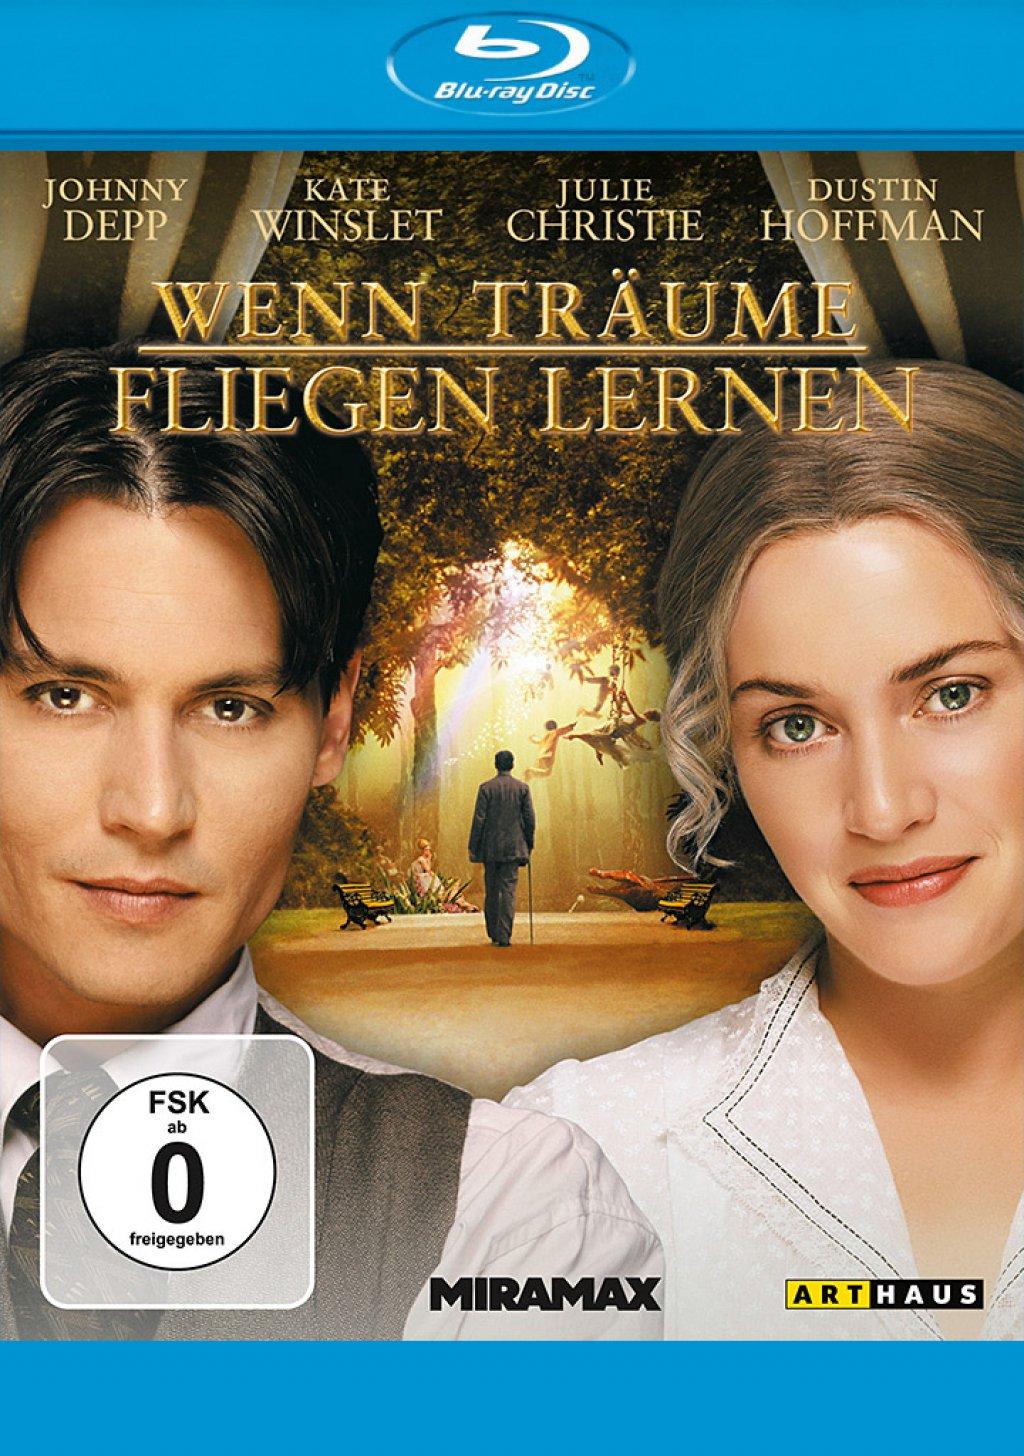 Wenn Träume fliegen lernen (Blu-ray)